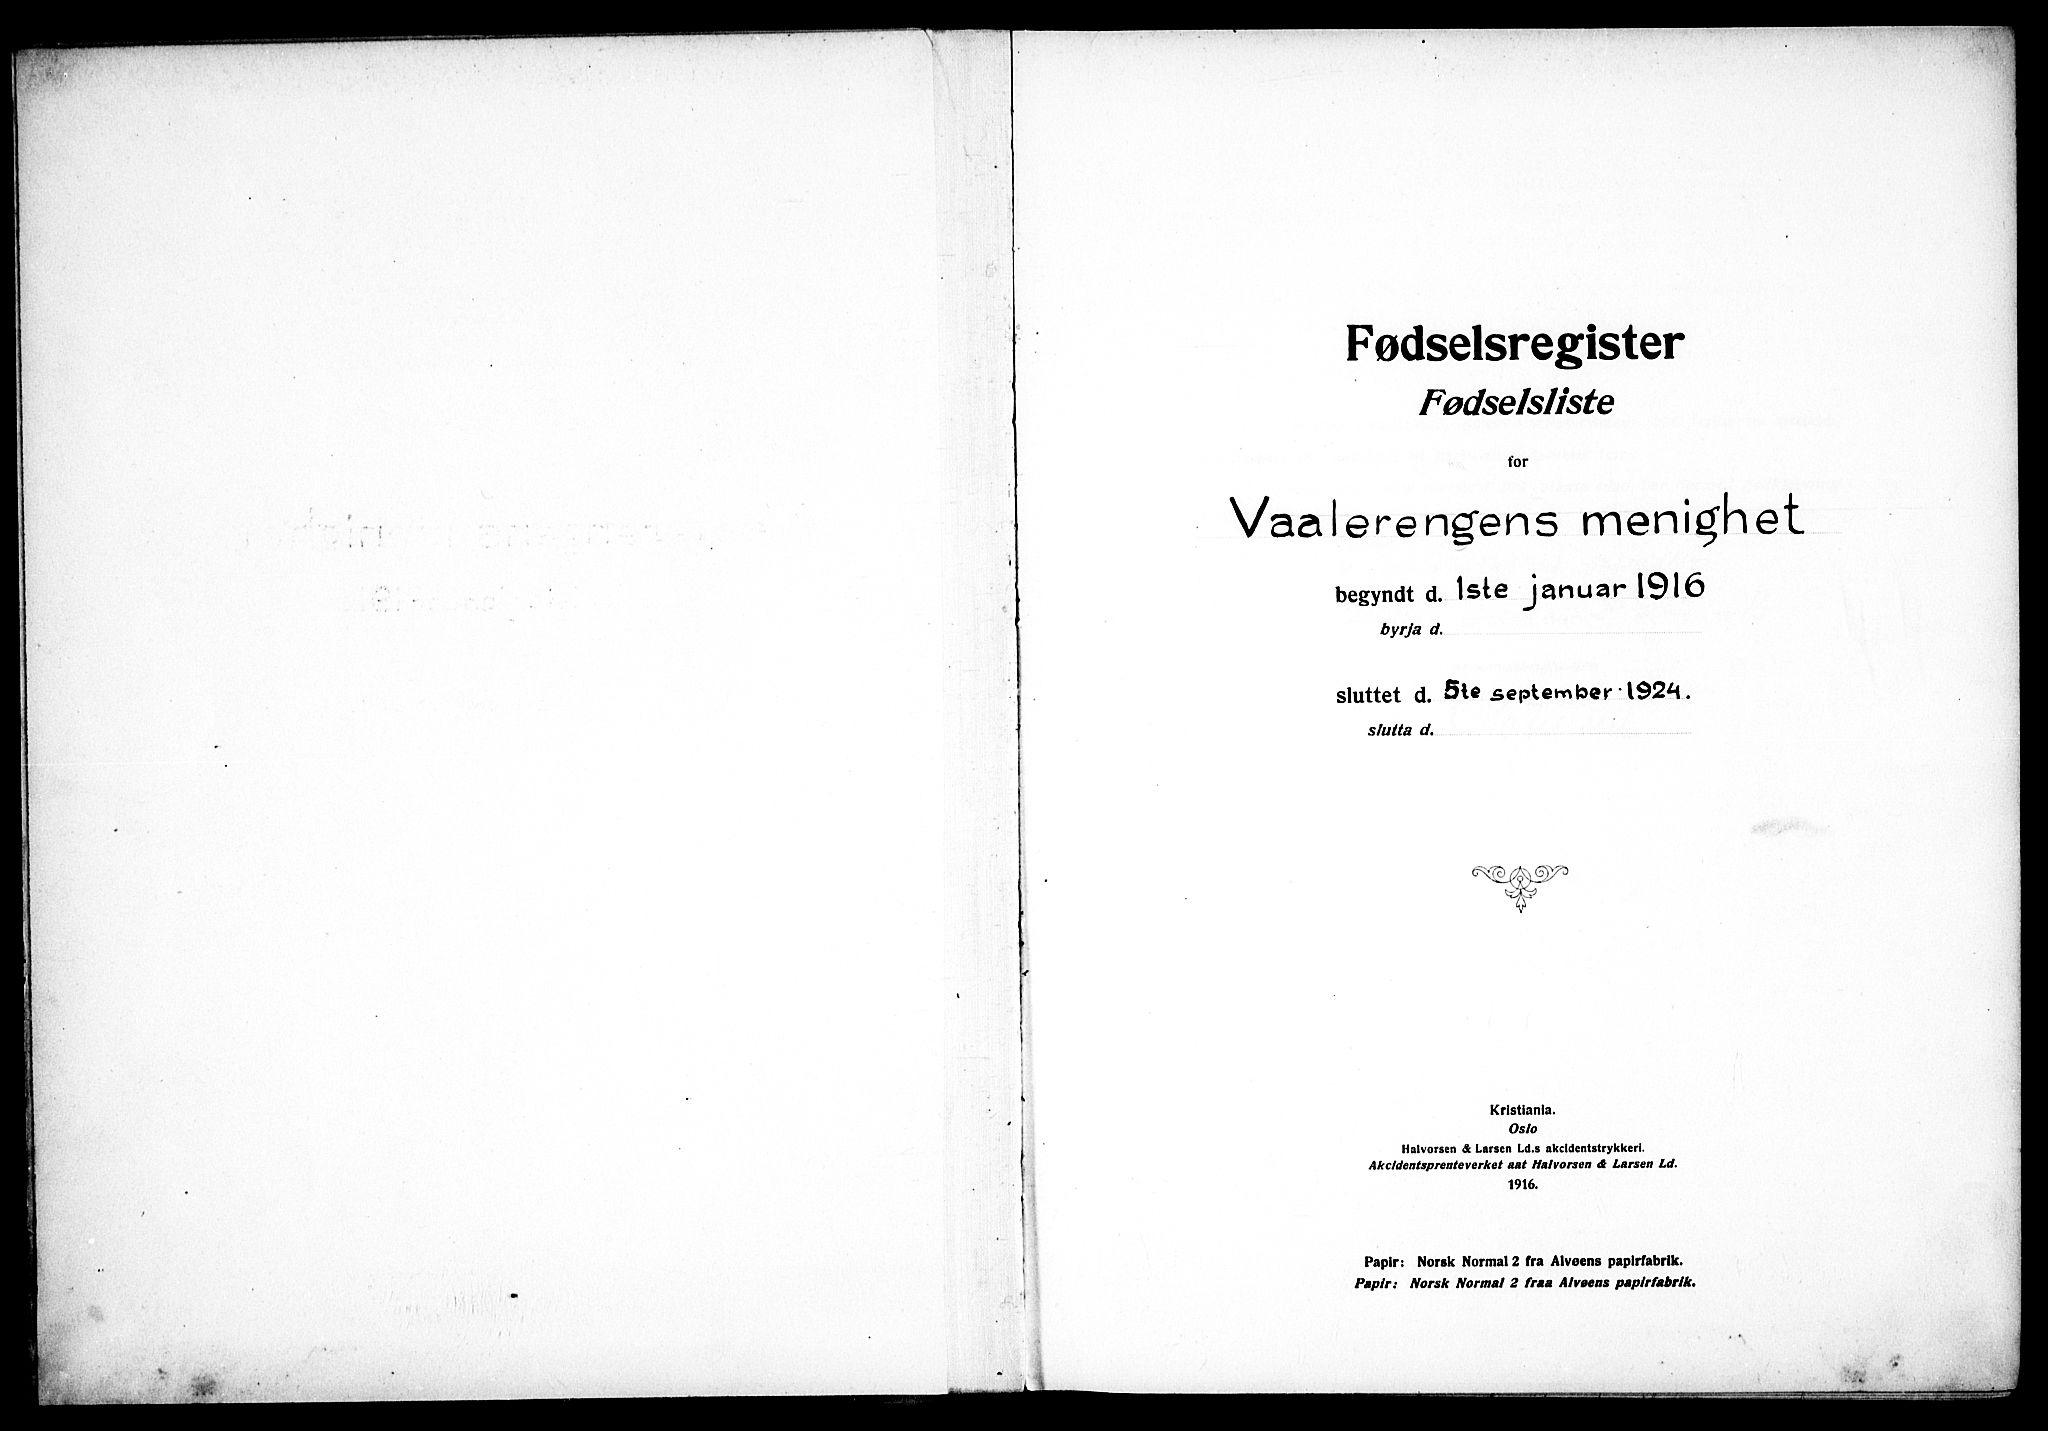 SAO, Vålerengen prestekontor Kirkebøker, J/Ja/L0001: Fødselsregister nr. 1, 1916-1924